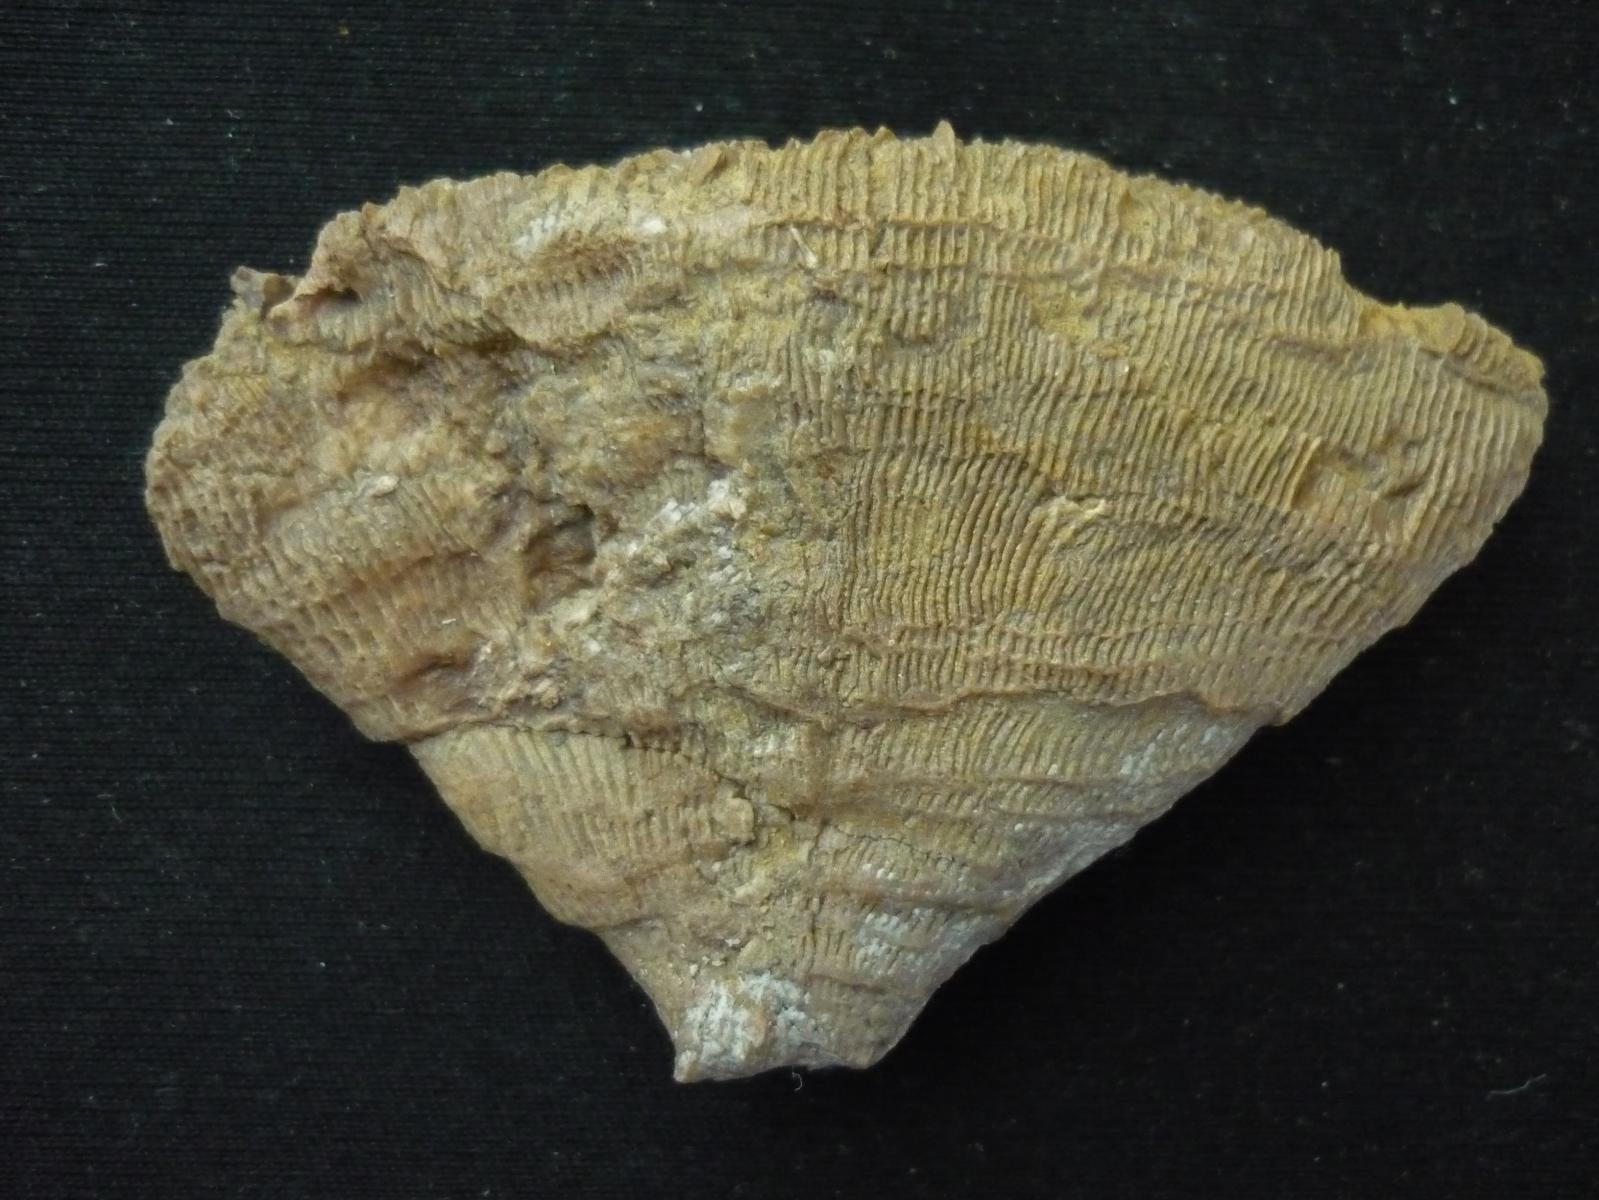 Phyllosmilia didymorphila (Felix)